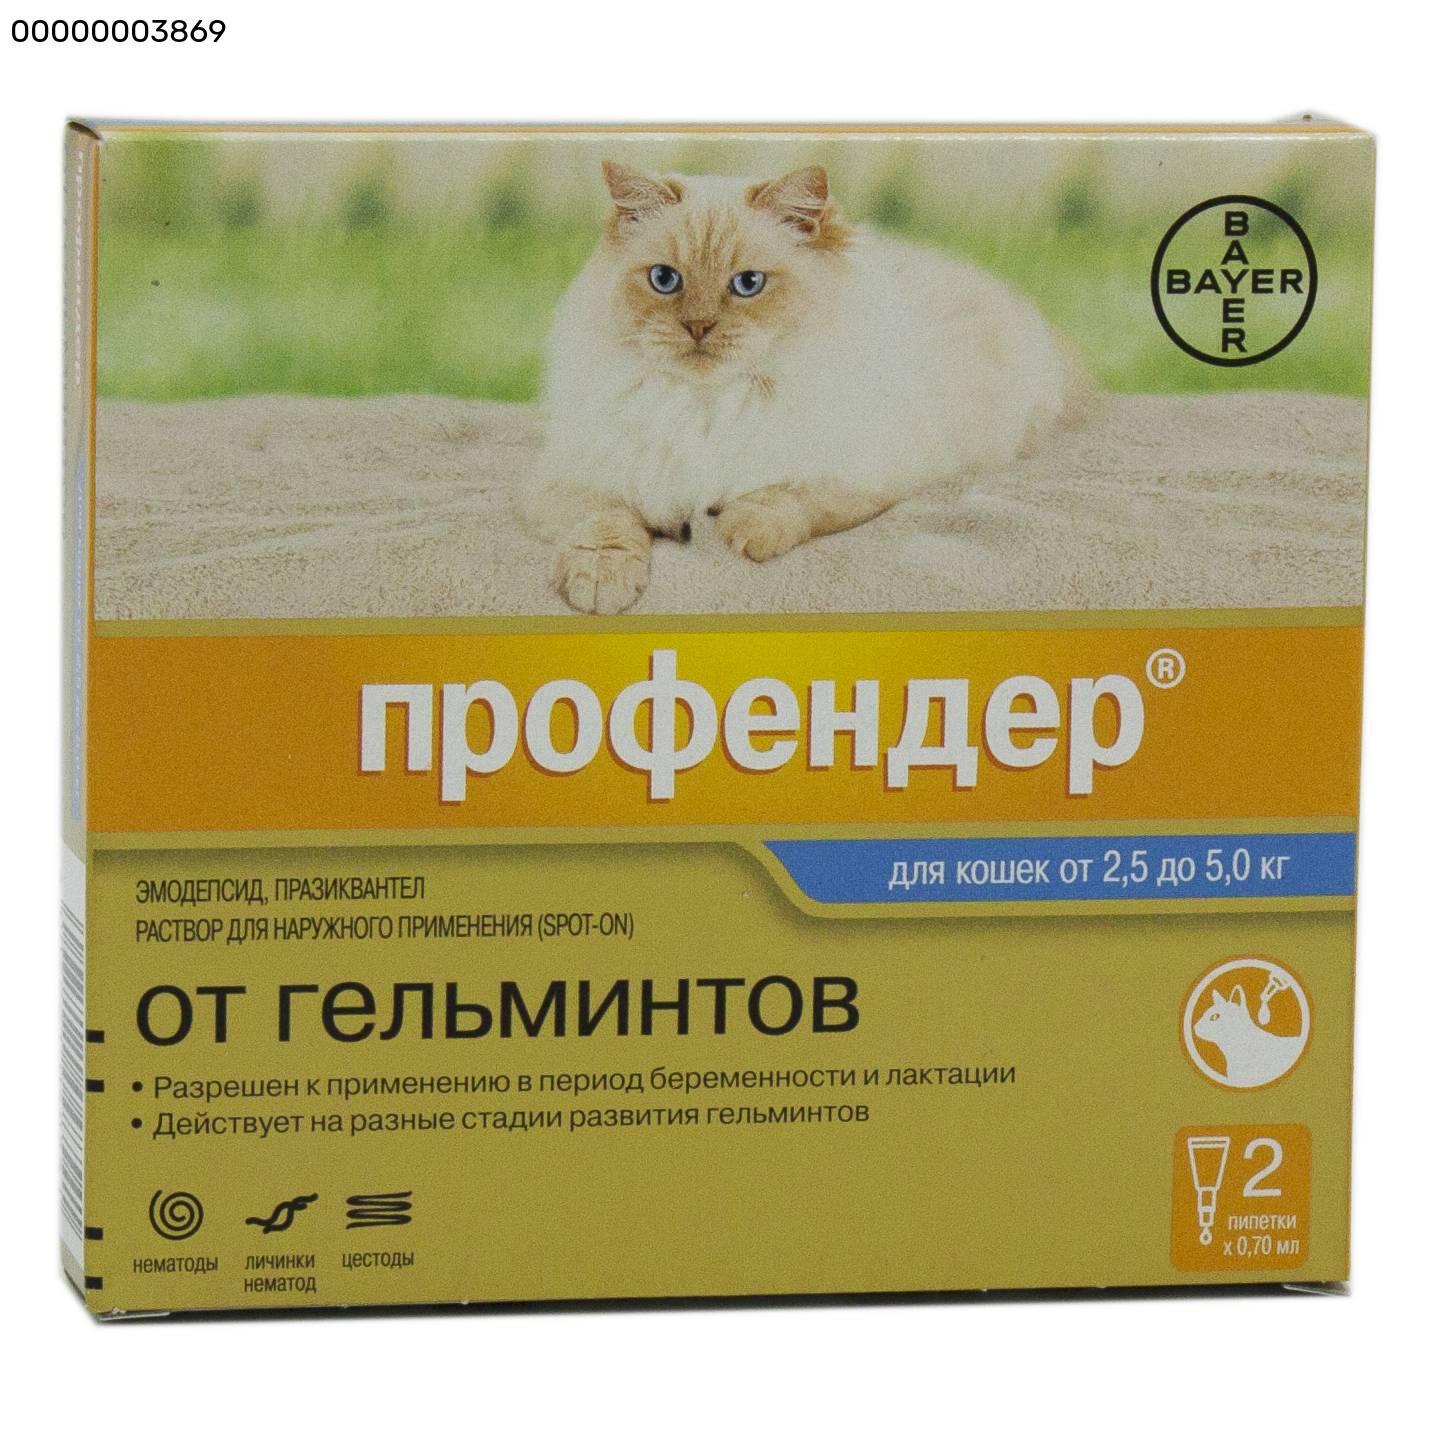 Бродлайн спот-он для кошек – полная защита от паразитов